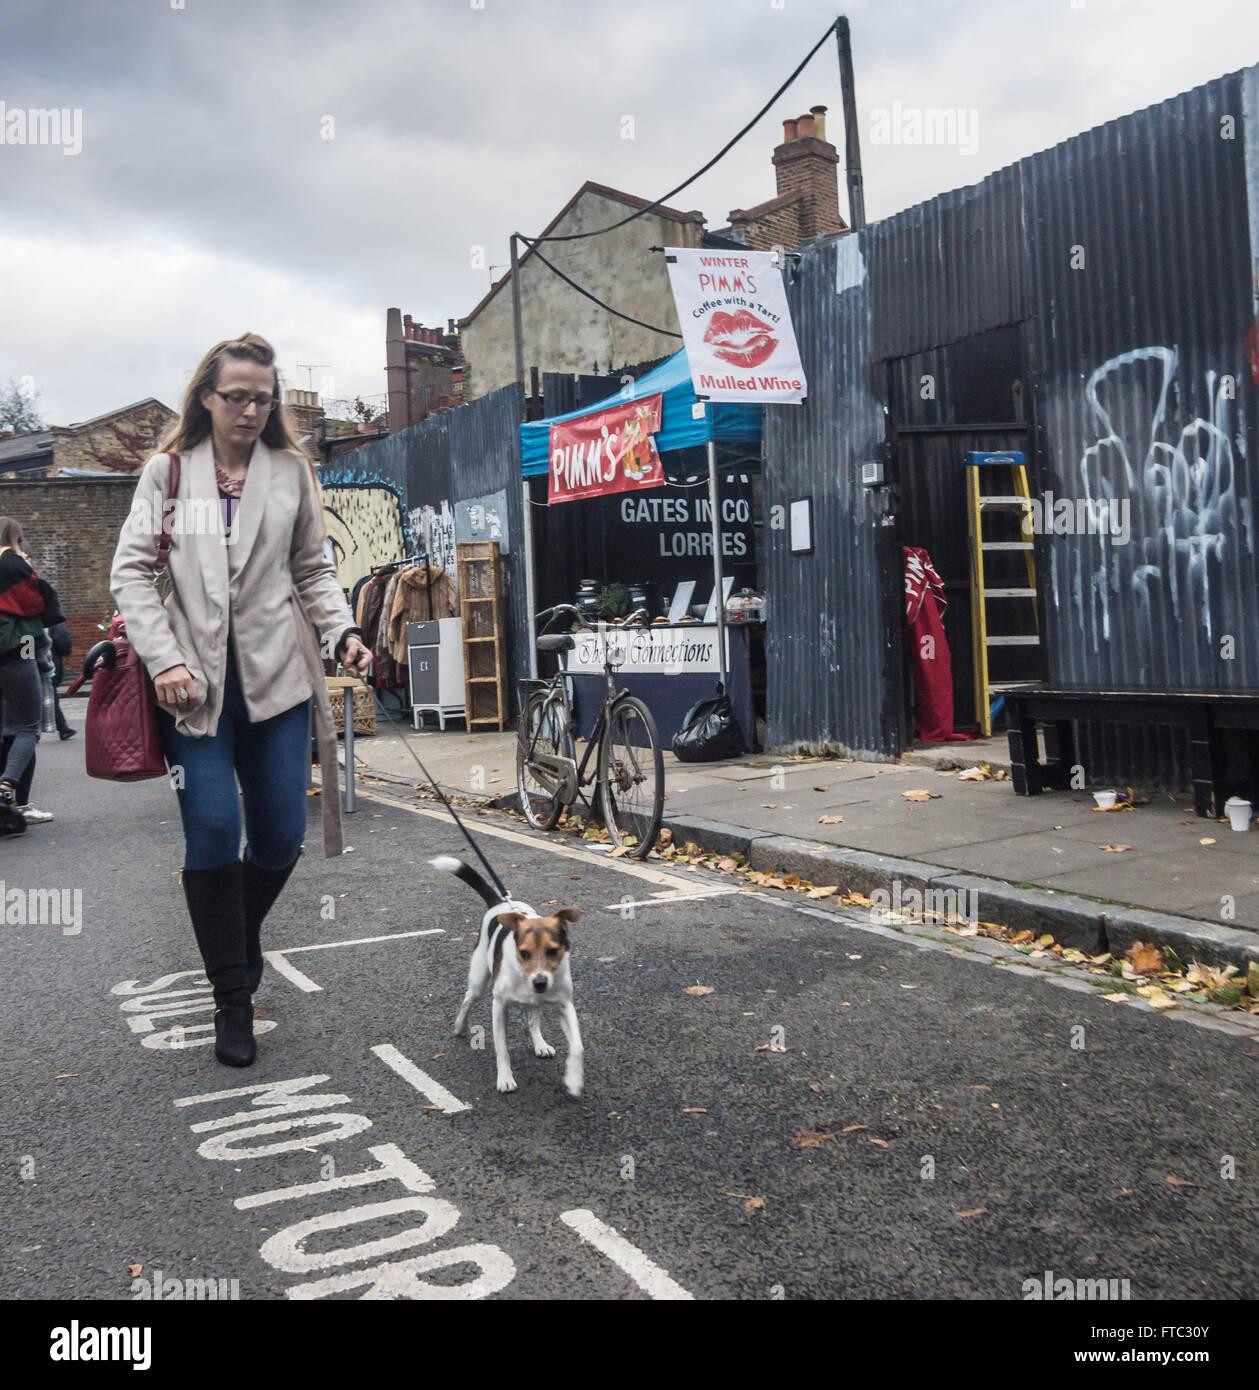 Columbia Road Market, Mujer paseando a un perro, hembra perro Foto de stock